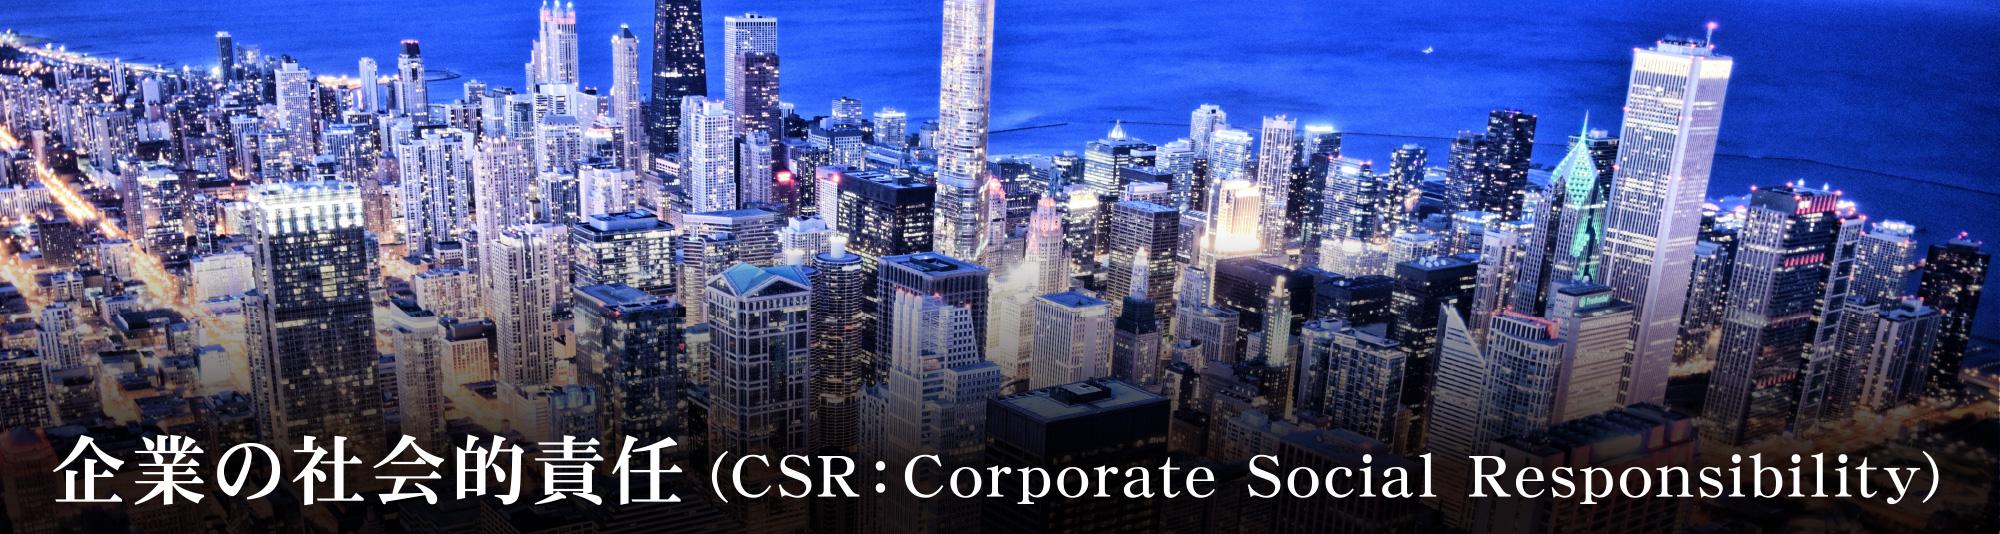 企業の社会的責任(CSR:Corporate Social Responsibility)